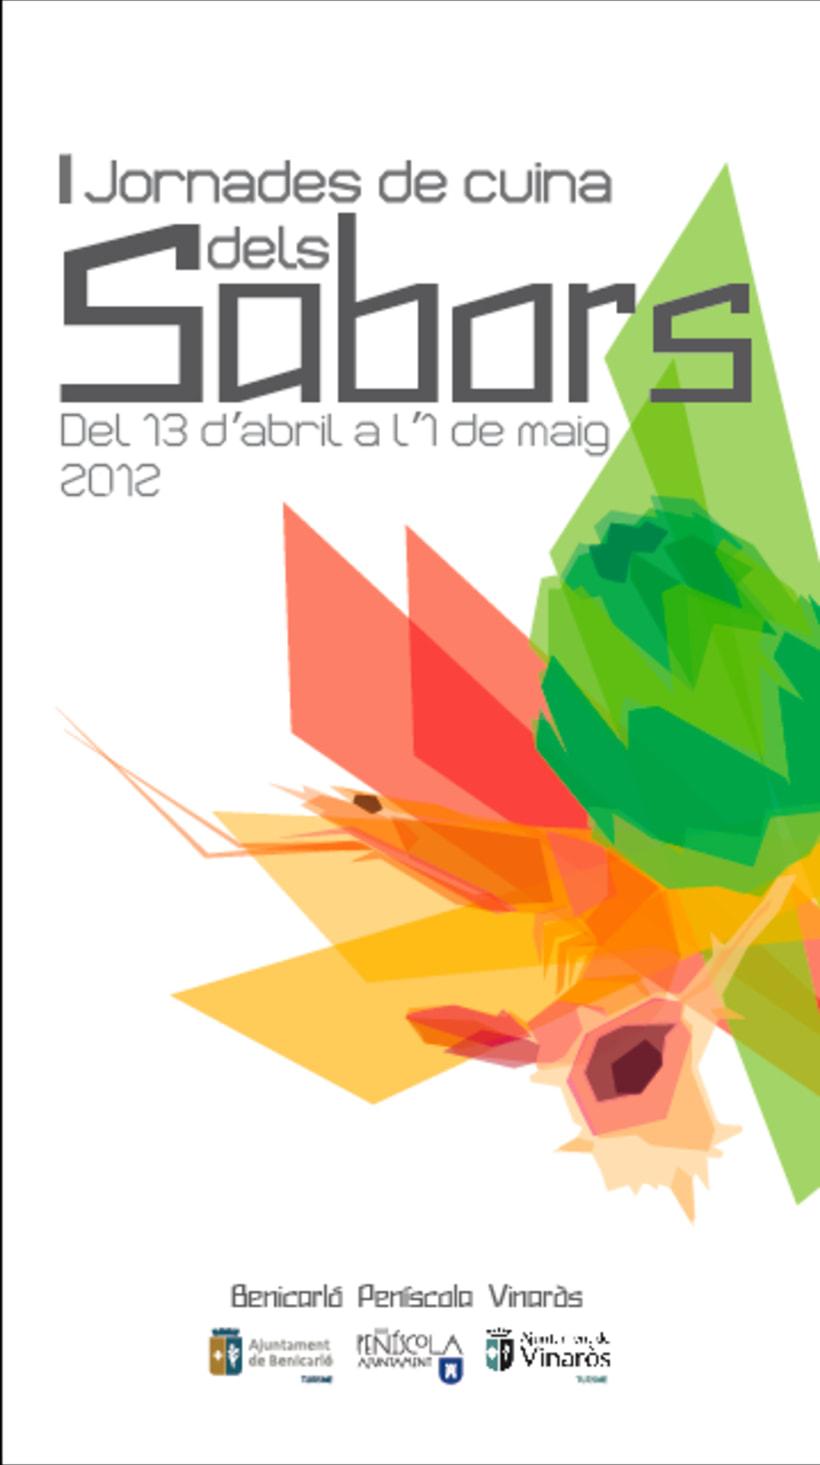 Jornadas de los sabores 2012 2